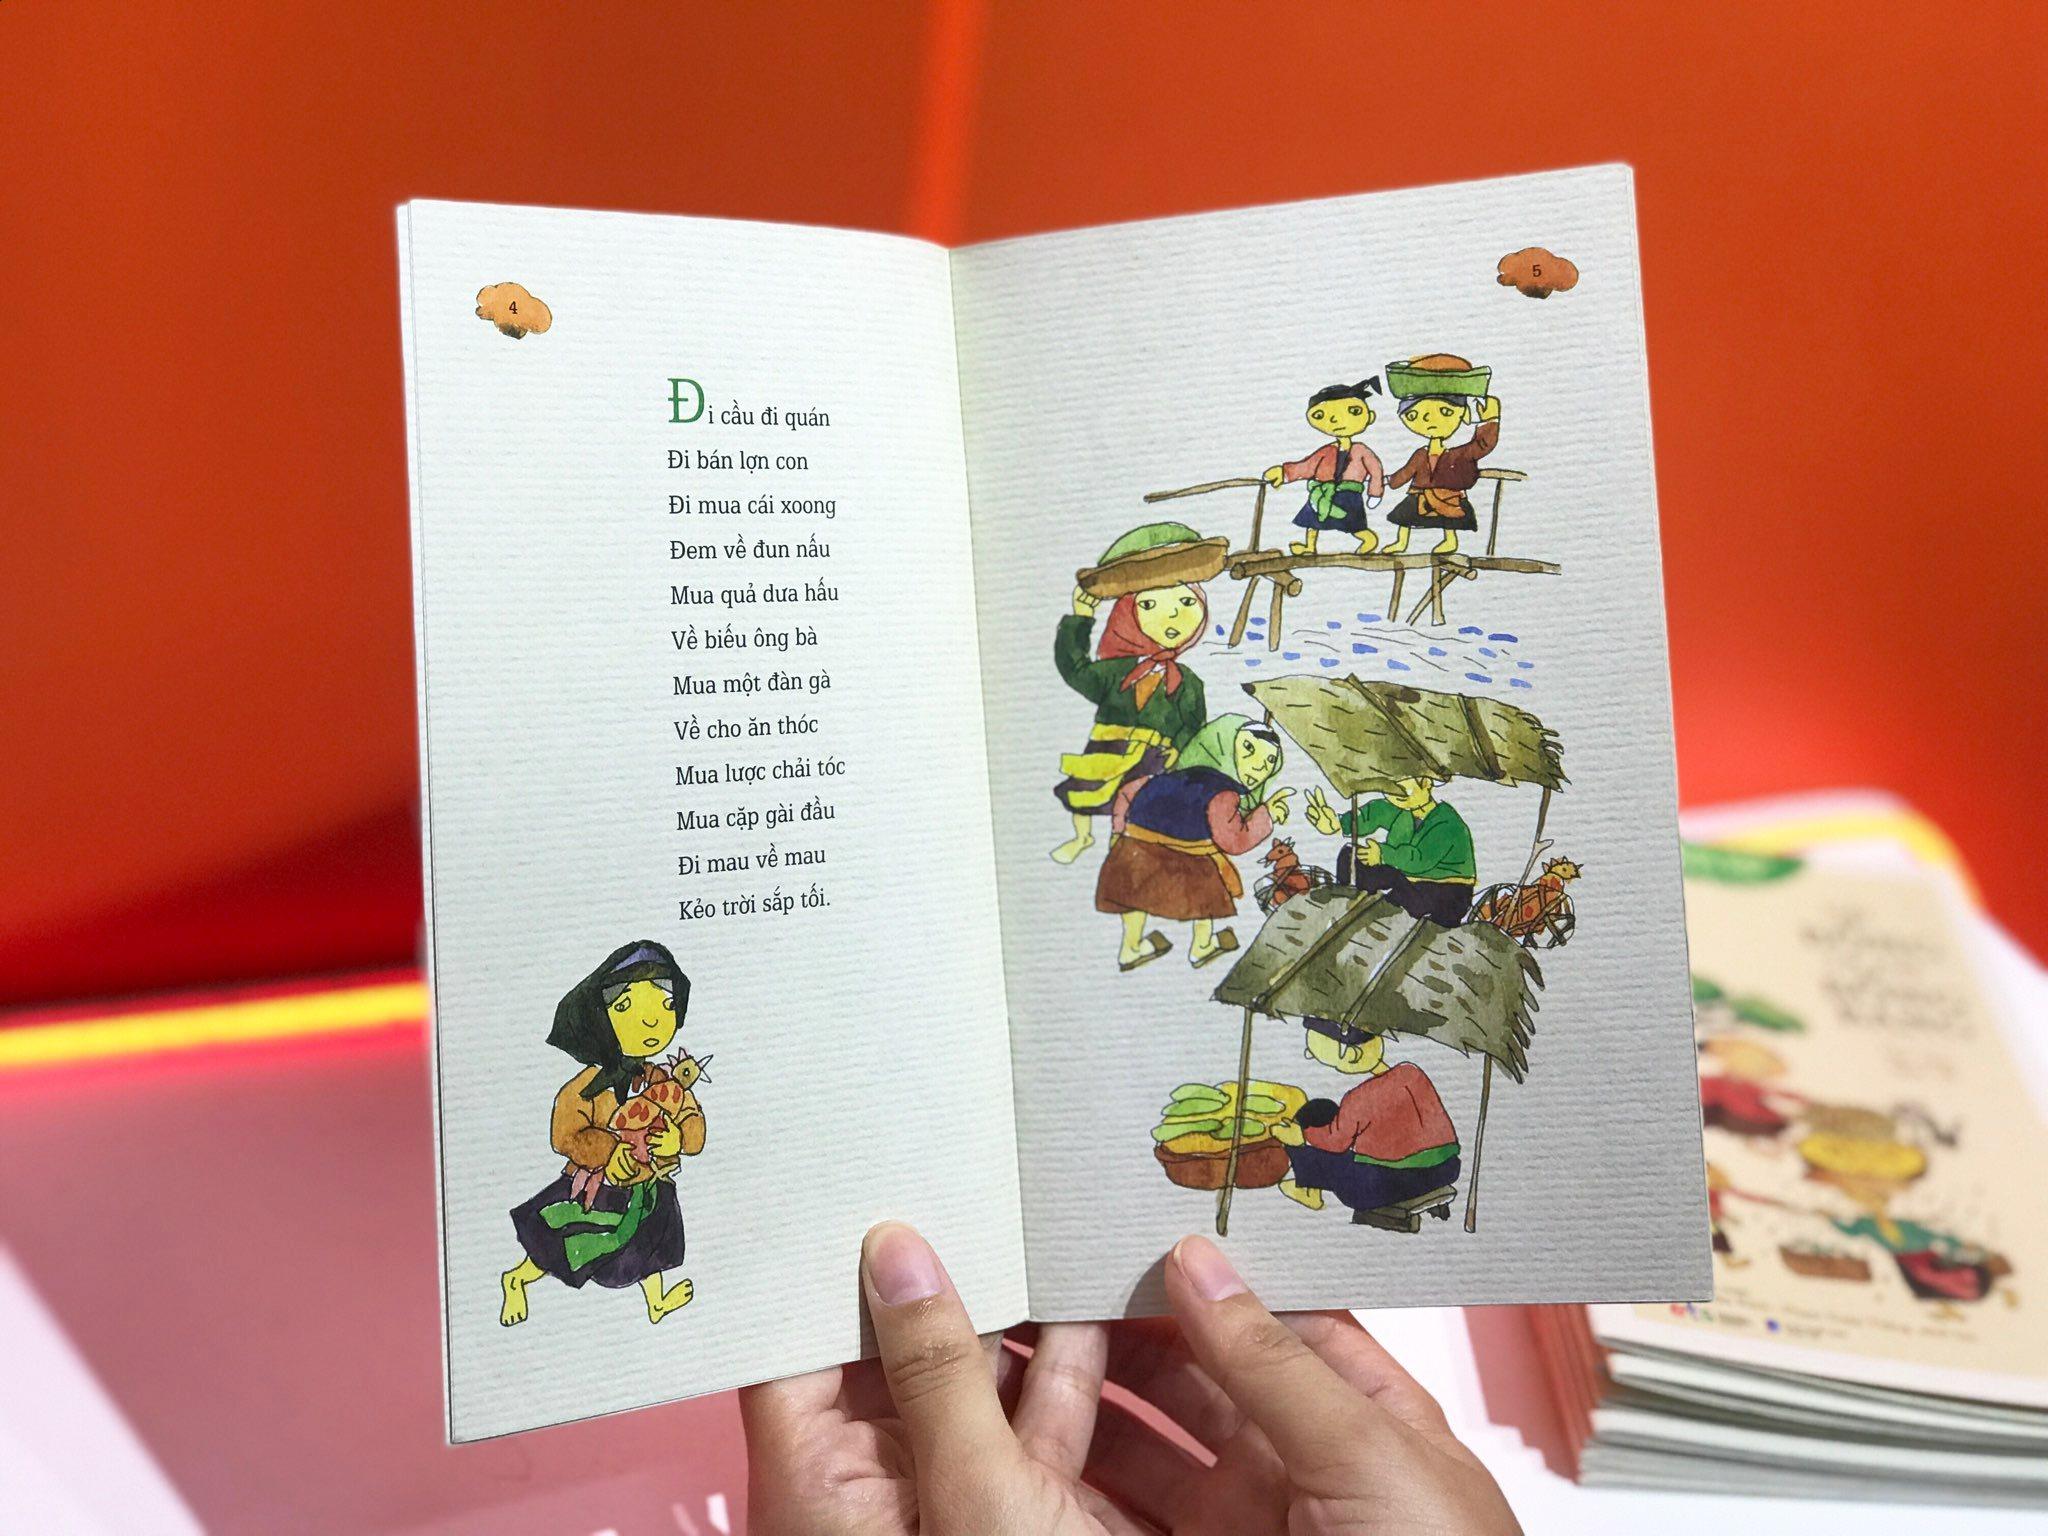 Bộ sách 10 cuốn về đồng dao cho độc giả nhí